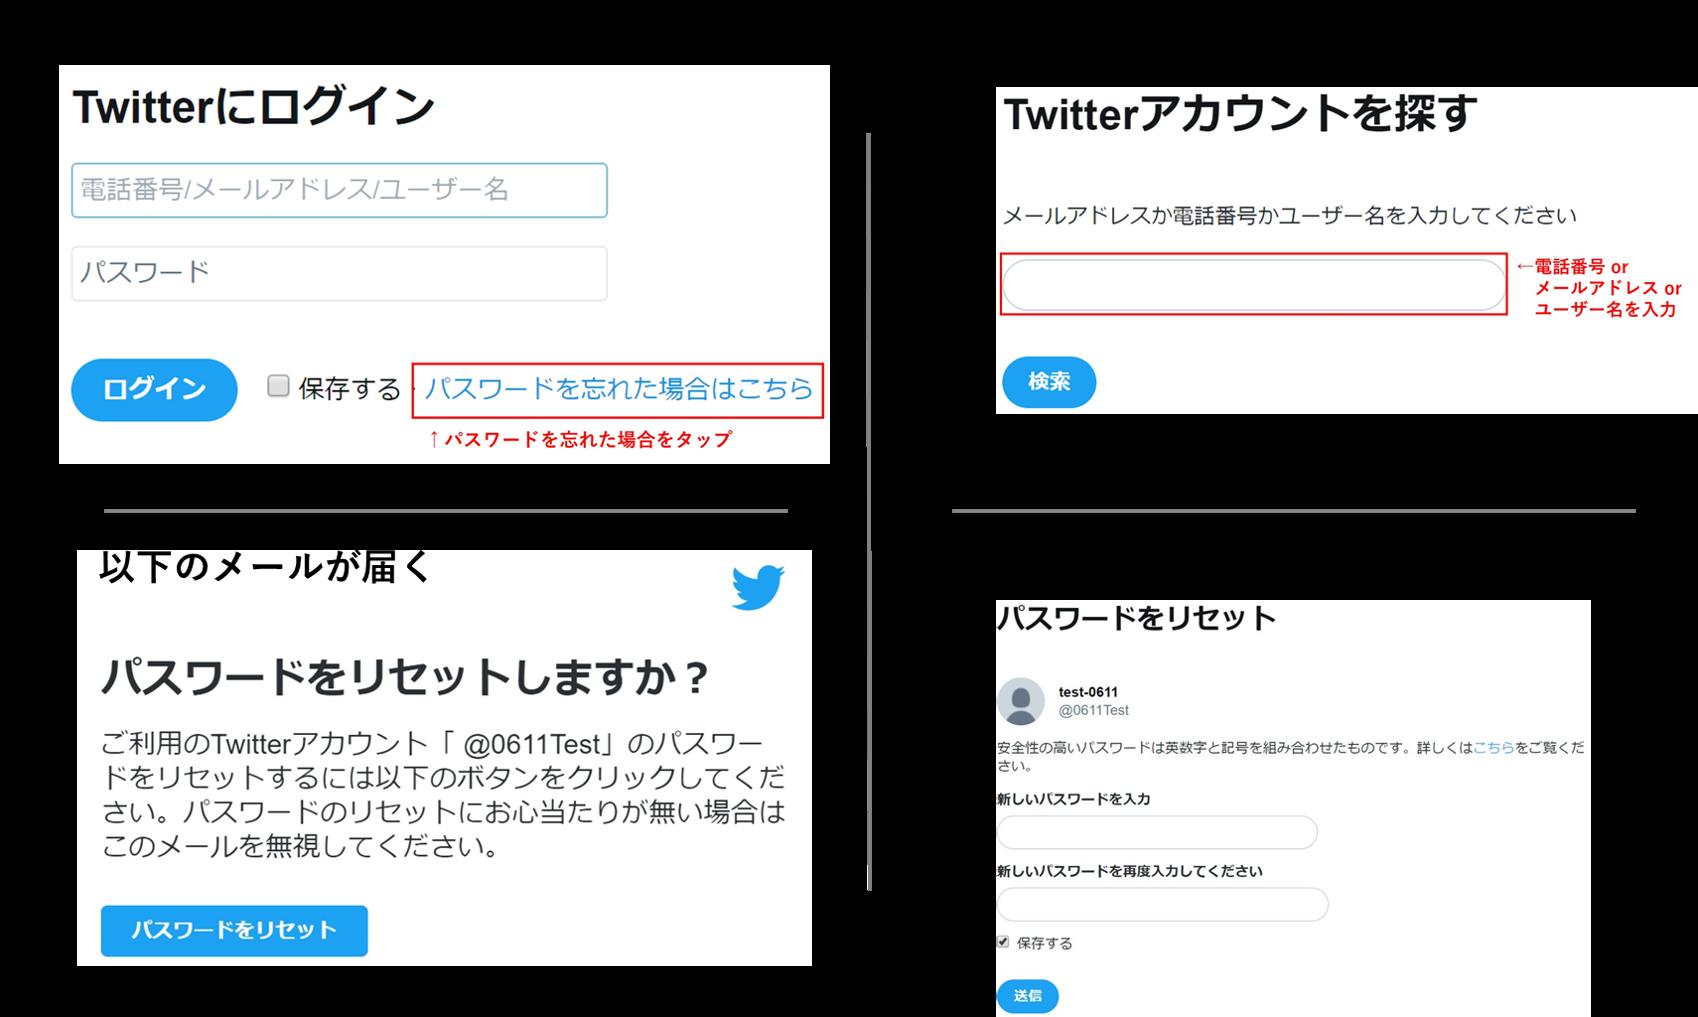 Twitterアカウントを削除できない 削除できない時の対処法まとめ